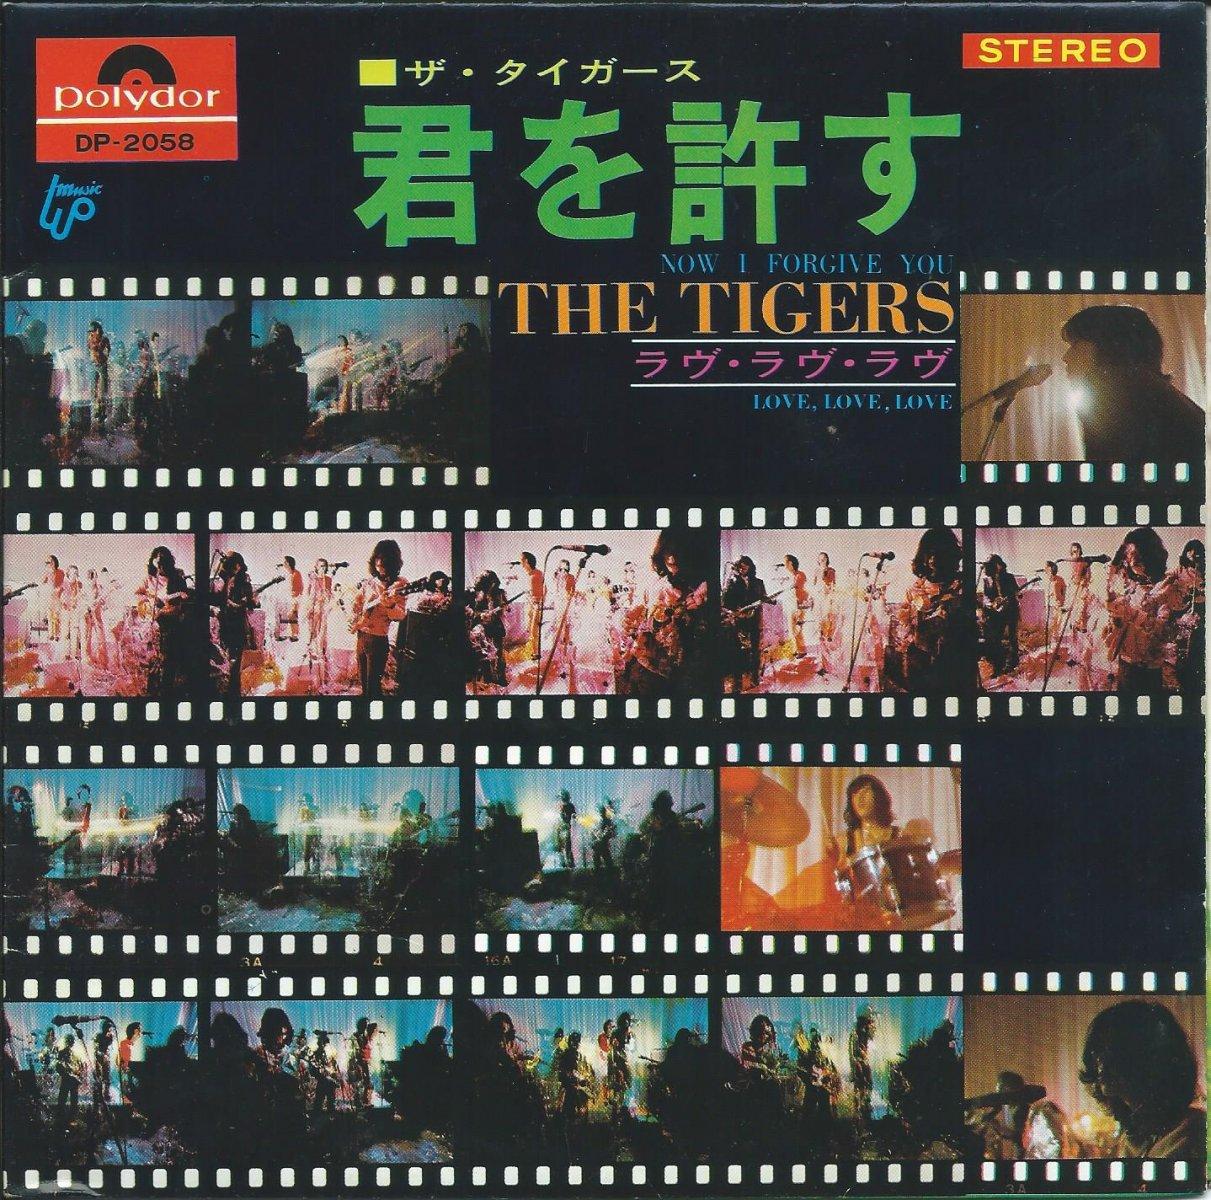 ザ・タイガース THE TIGERS / 君を許す / ラヴ・ラヴ・ラヴ LOVE,LOVE,LOVE (7